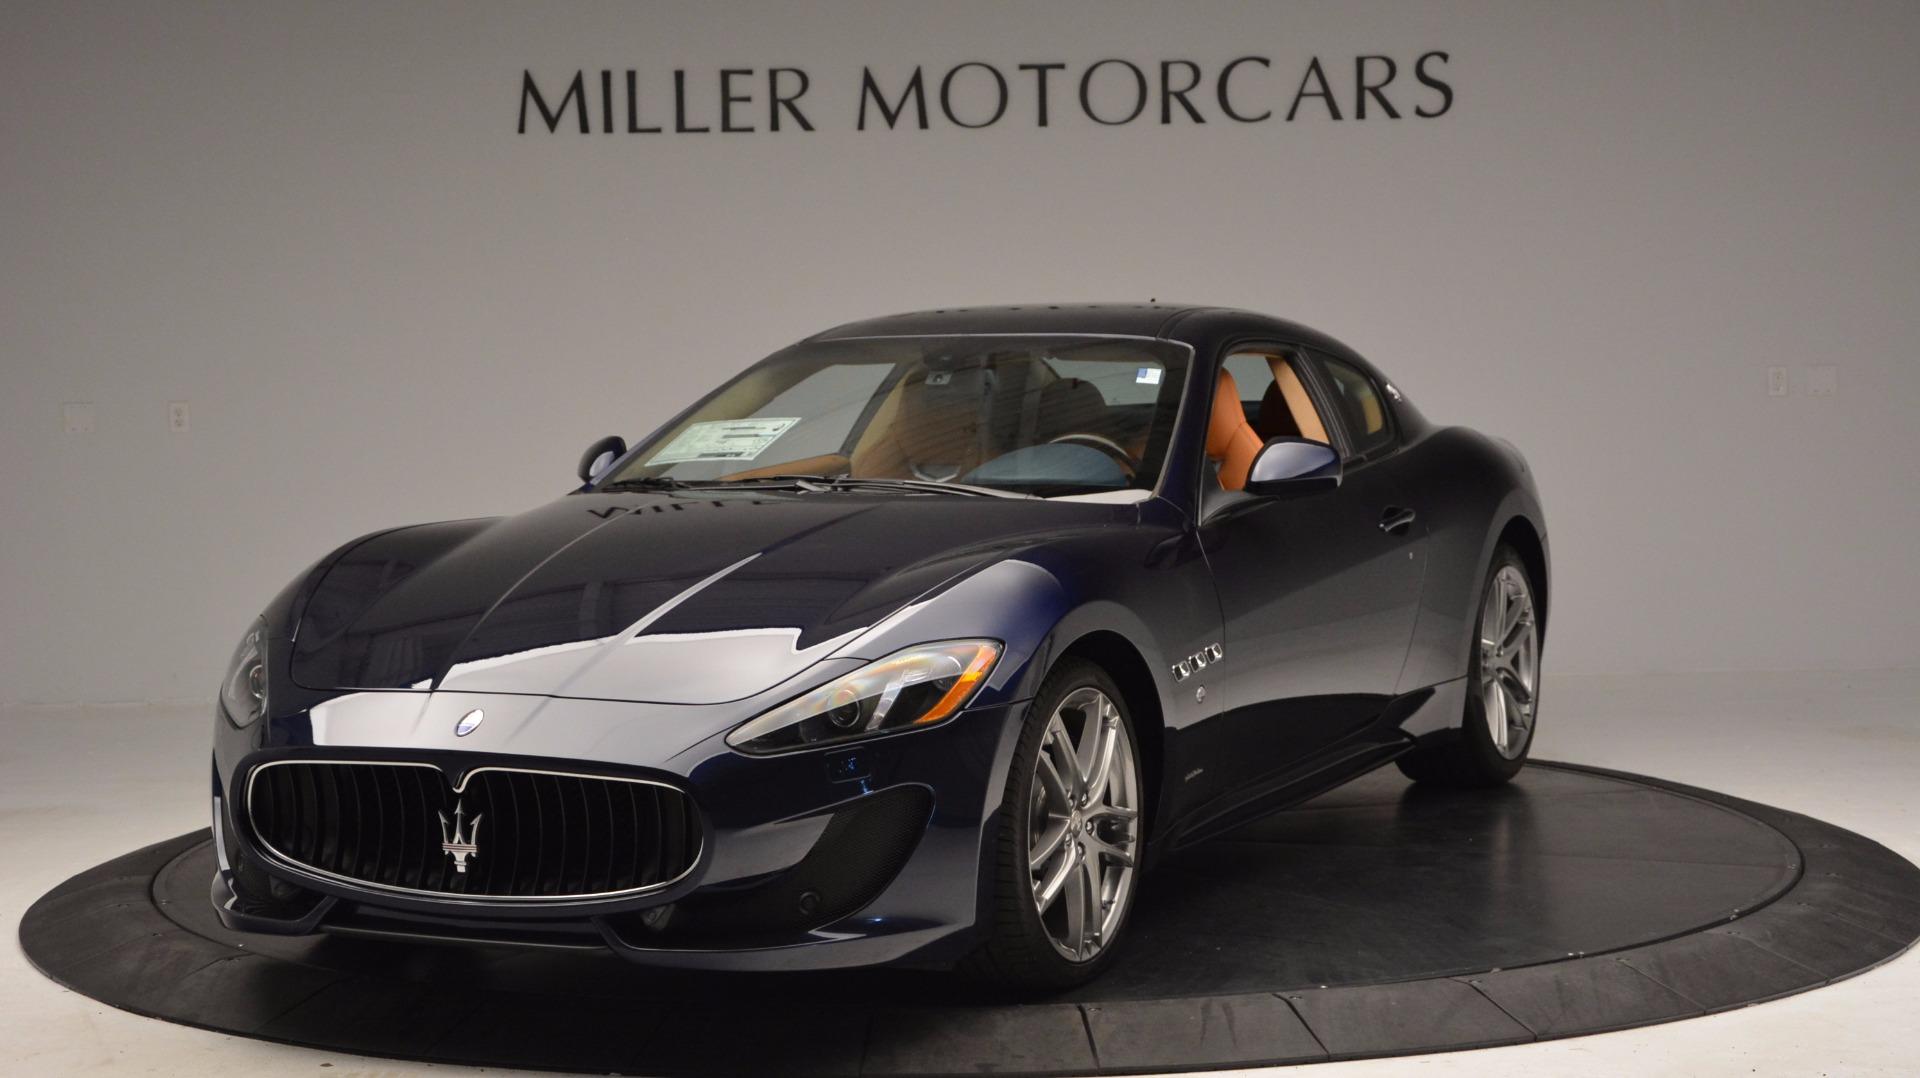 New 2017 Maserati GranTurismo Coupe Sport For Sale In Greenwich, CT 1295_main